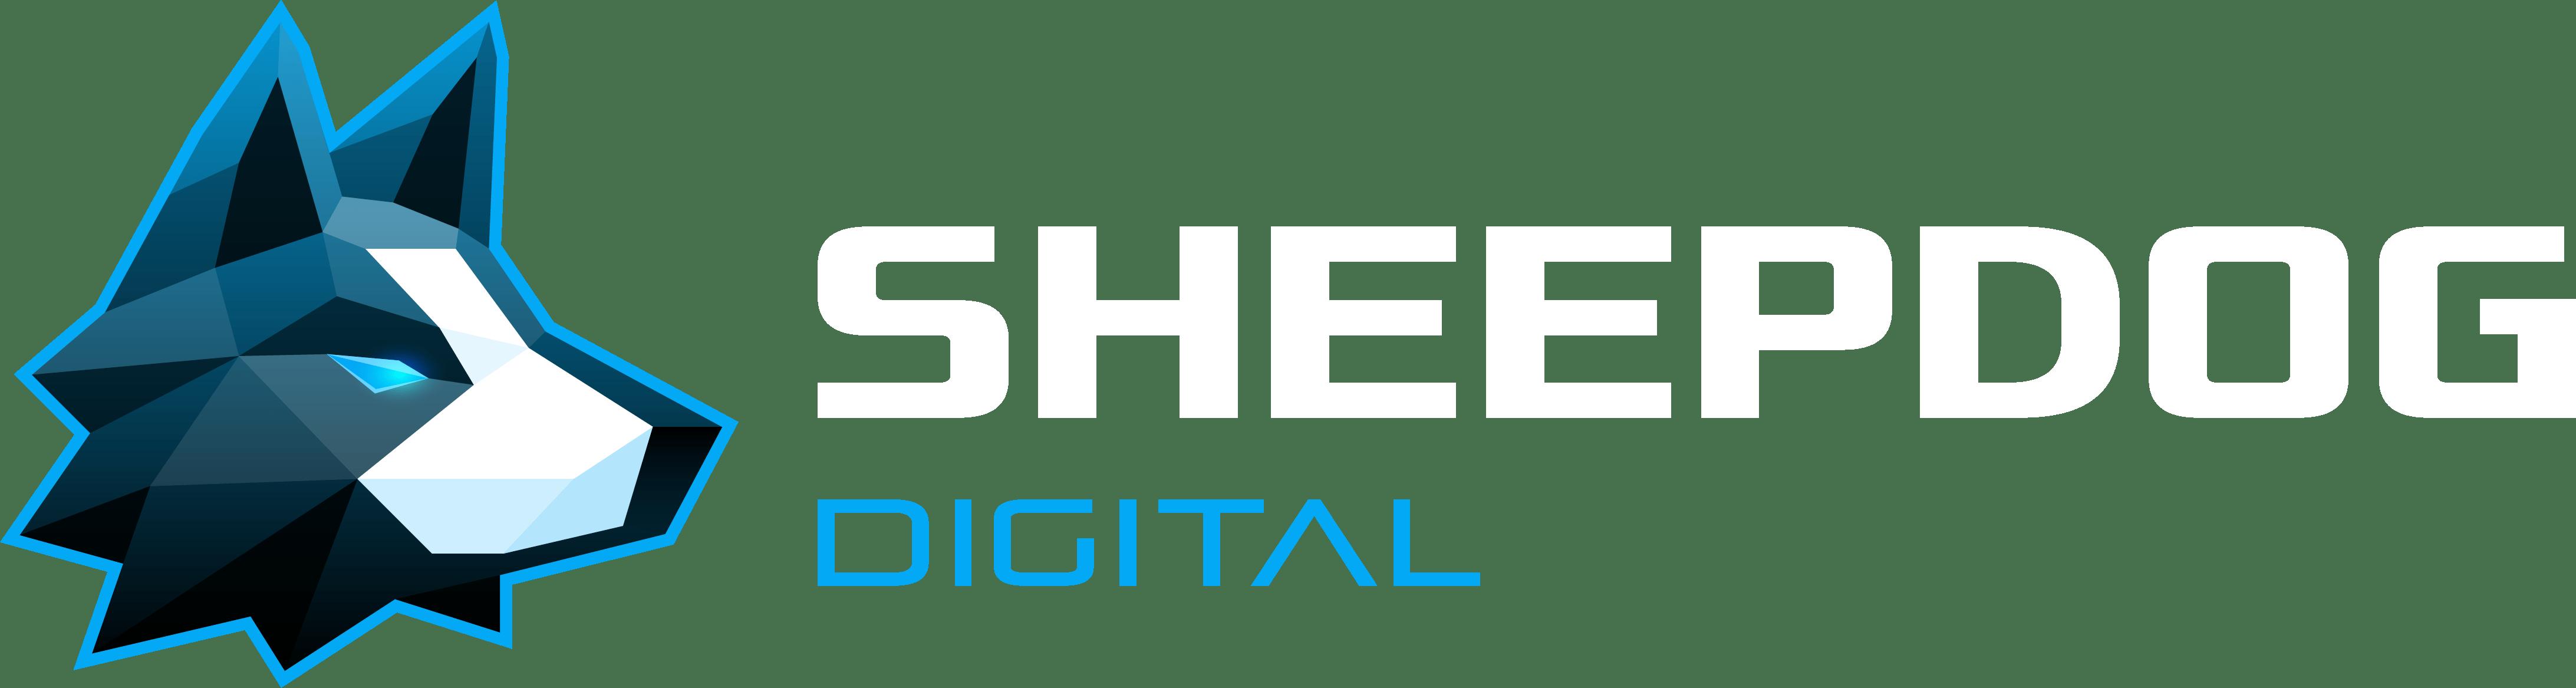 Sheepdog Digital